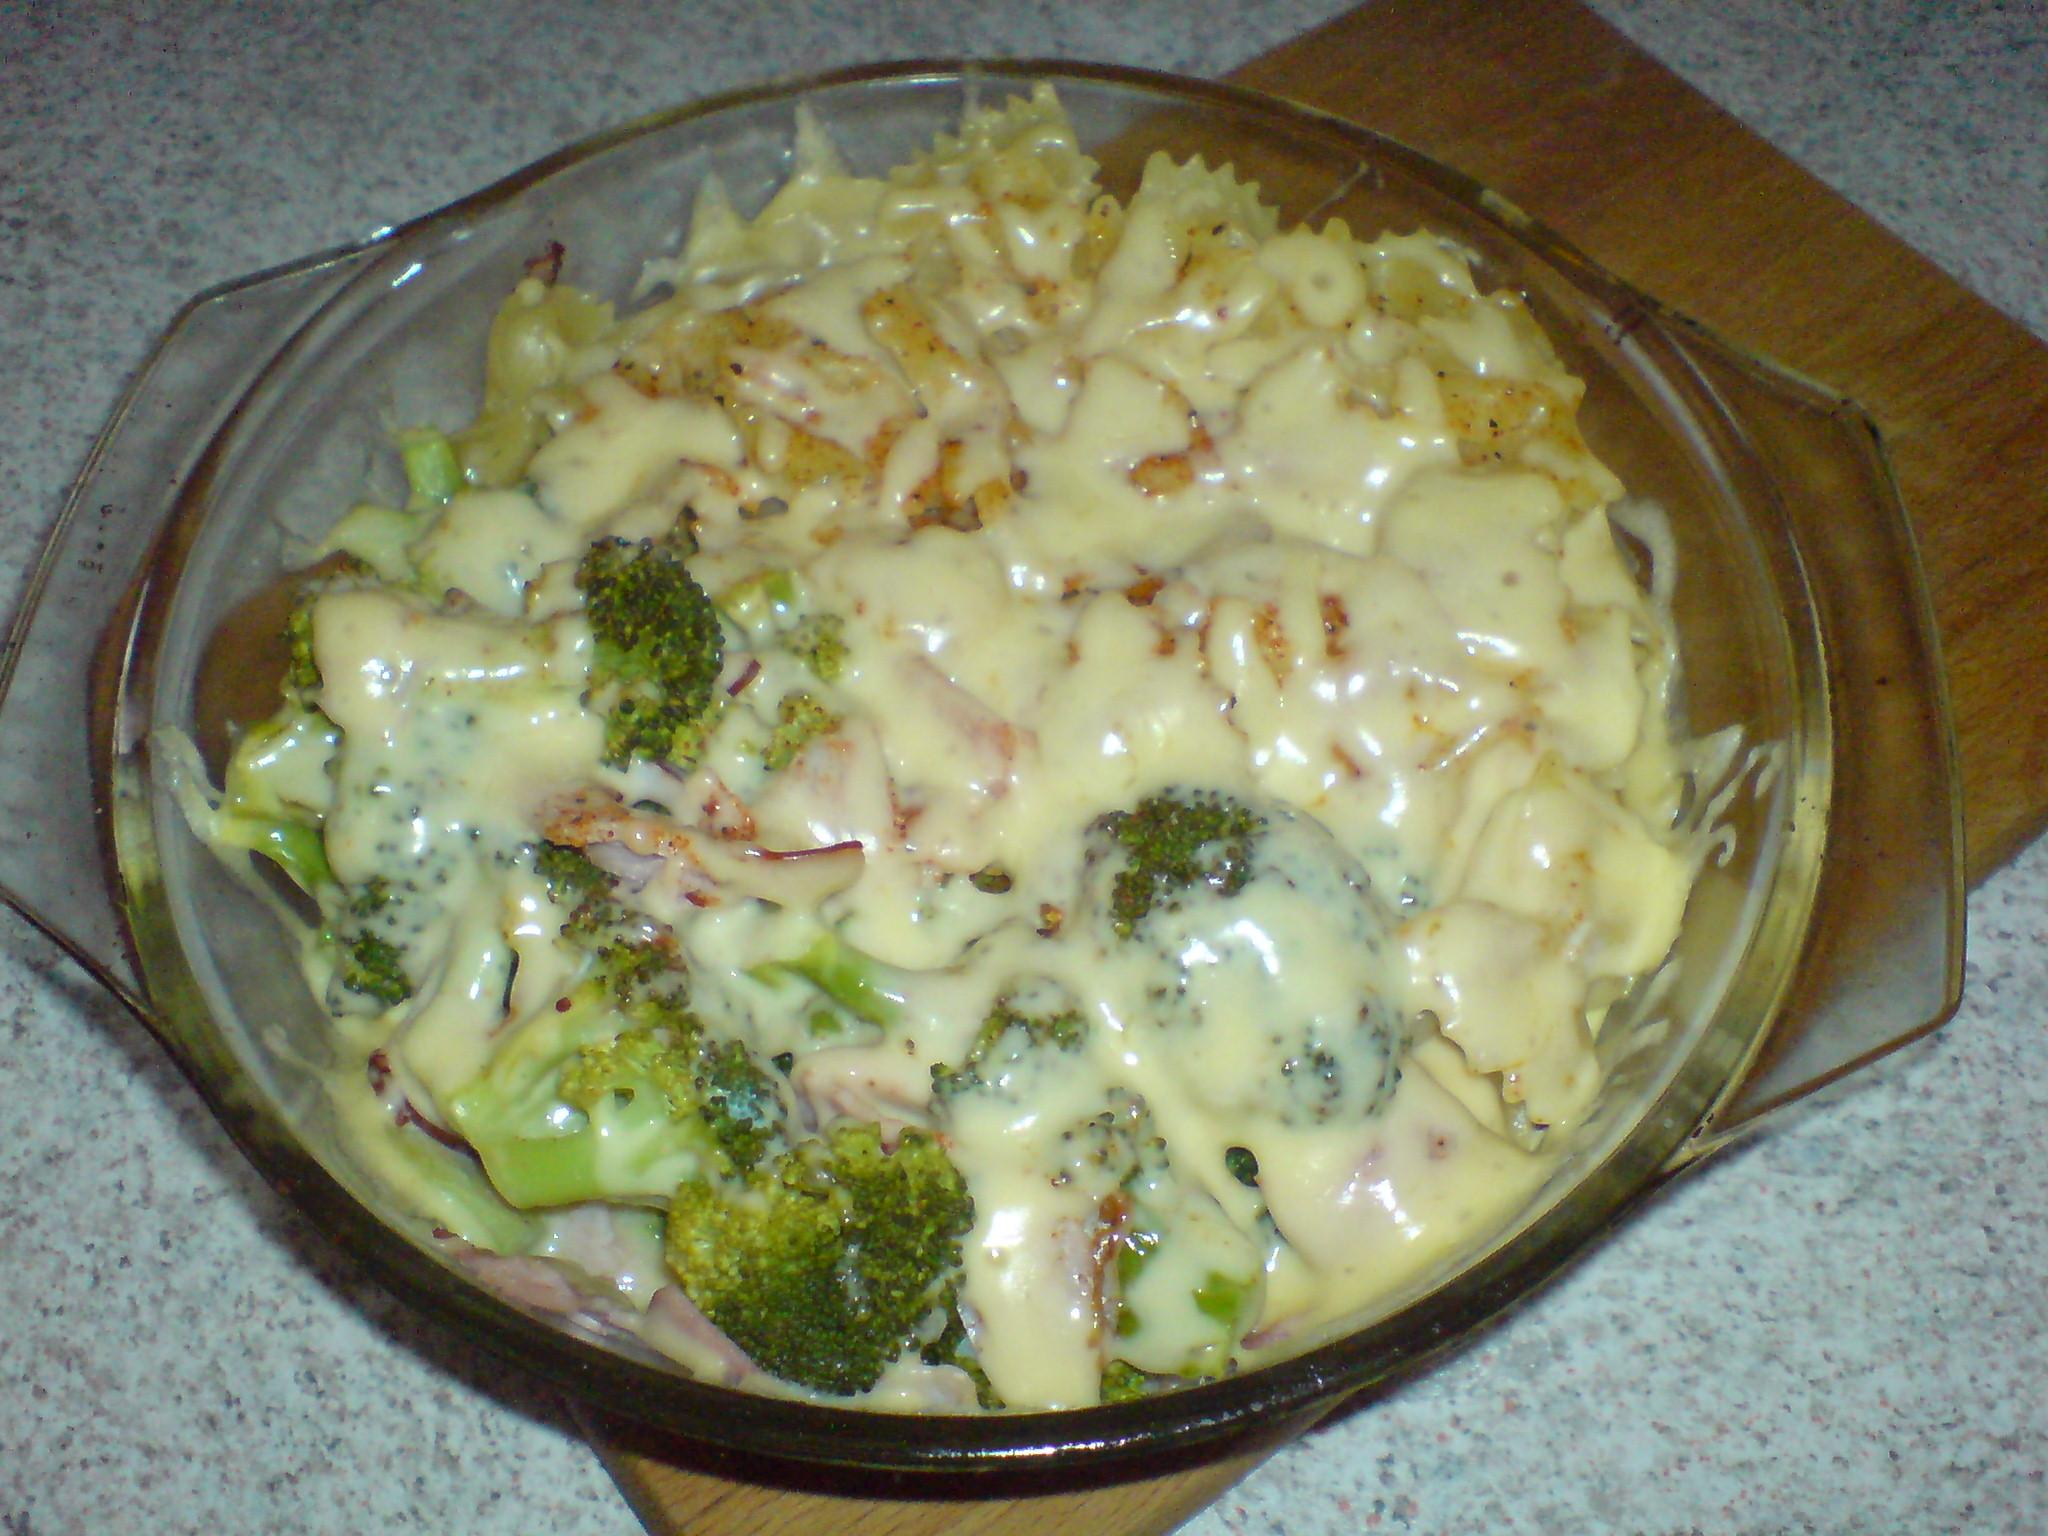 Recept Brokolice s těstovinami - První pokus, chutnalo nadprůměrně :-)